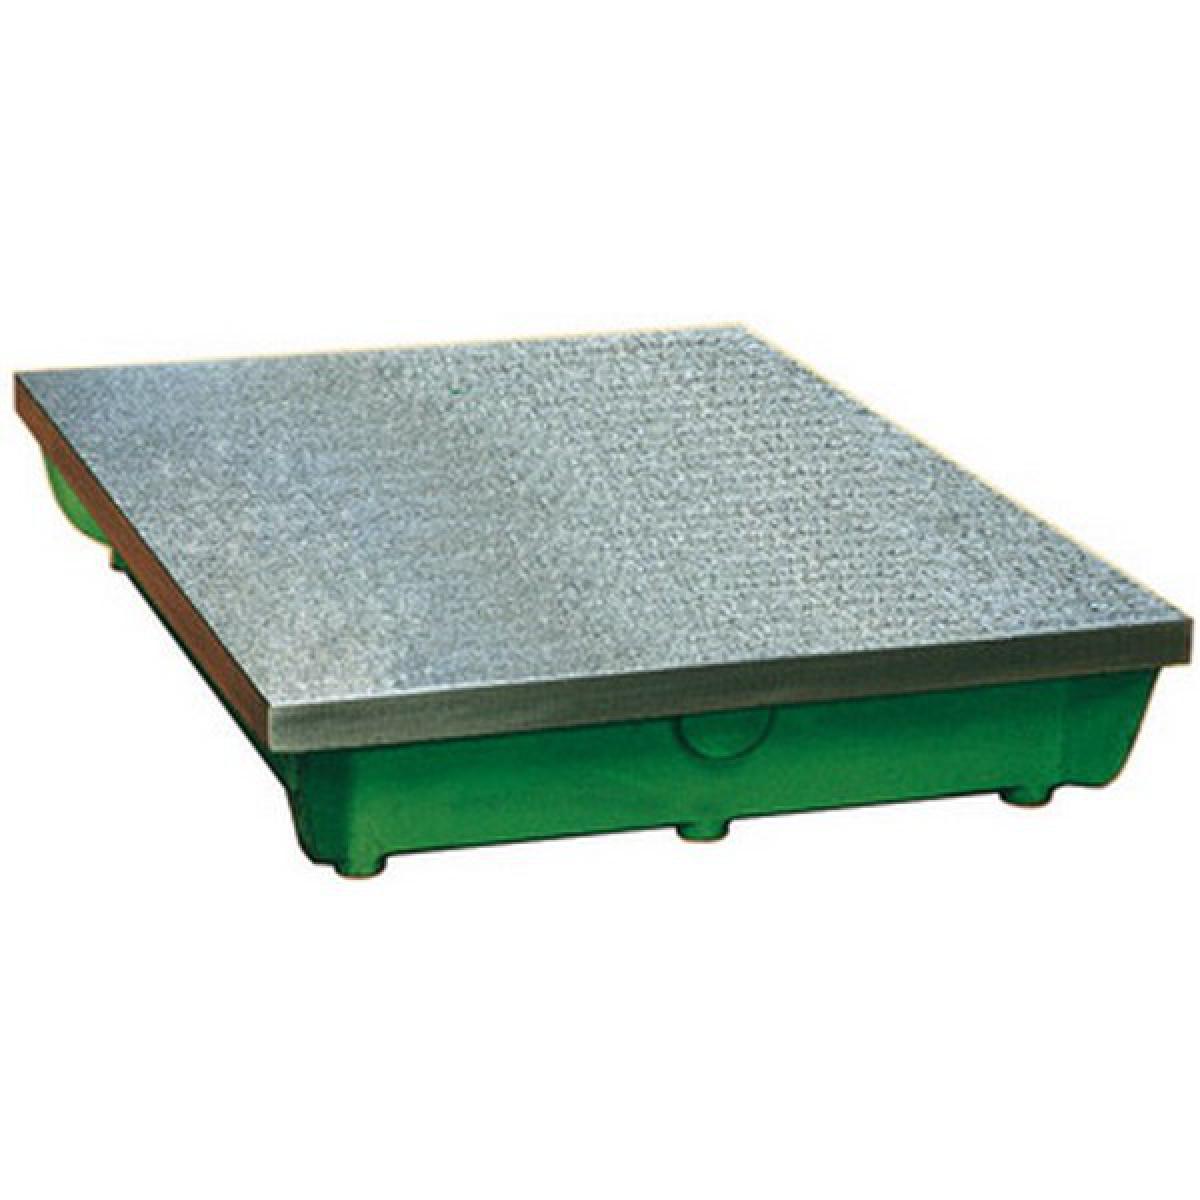 Protec Plaque à tracer et à dresser, qualité 1, Taille : 300 x 200 mm, Précision µm qualité 1 13, Poids env. 11 kg